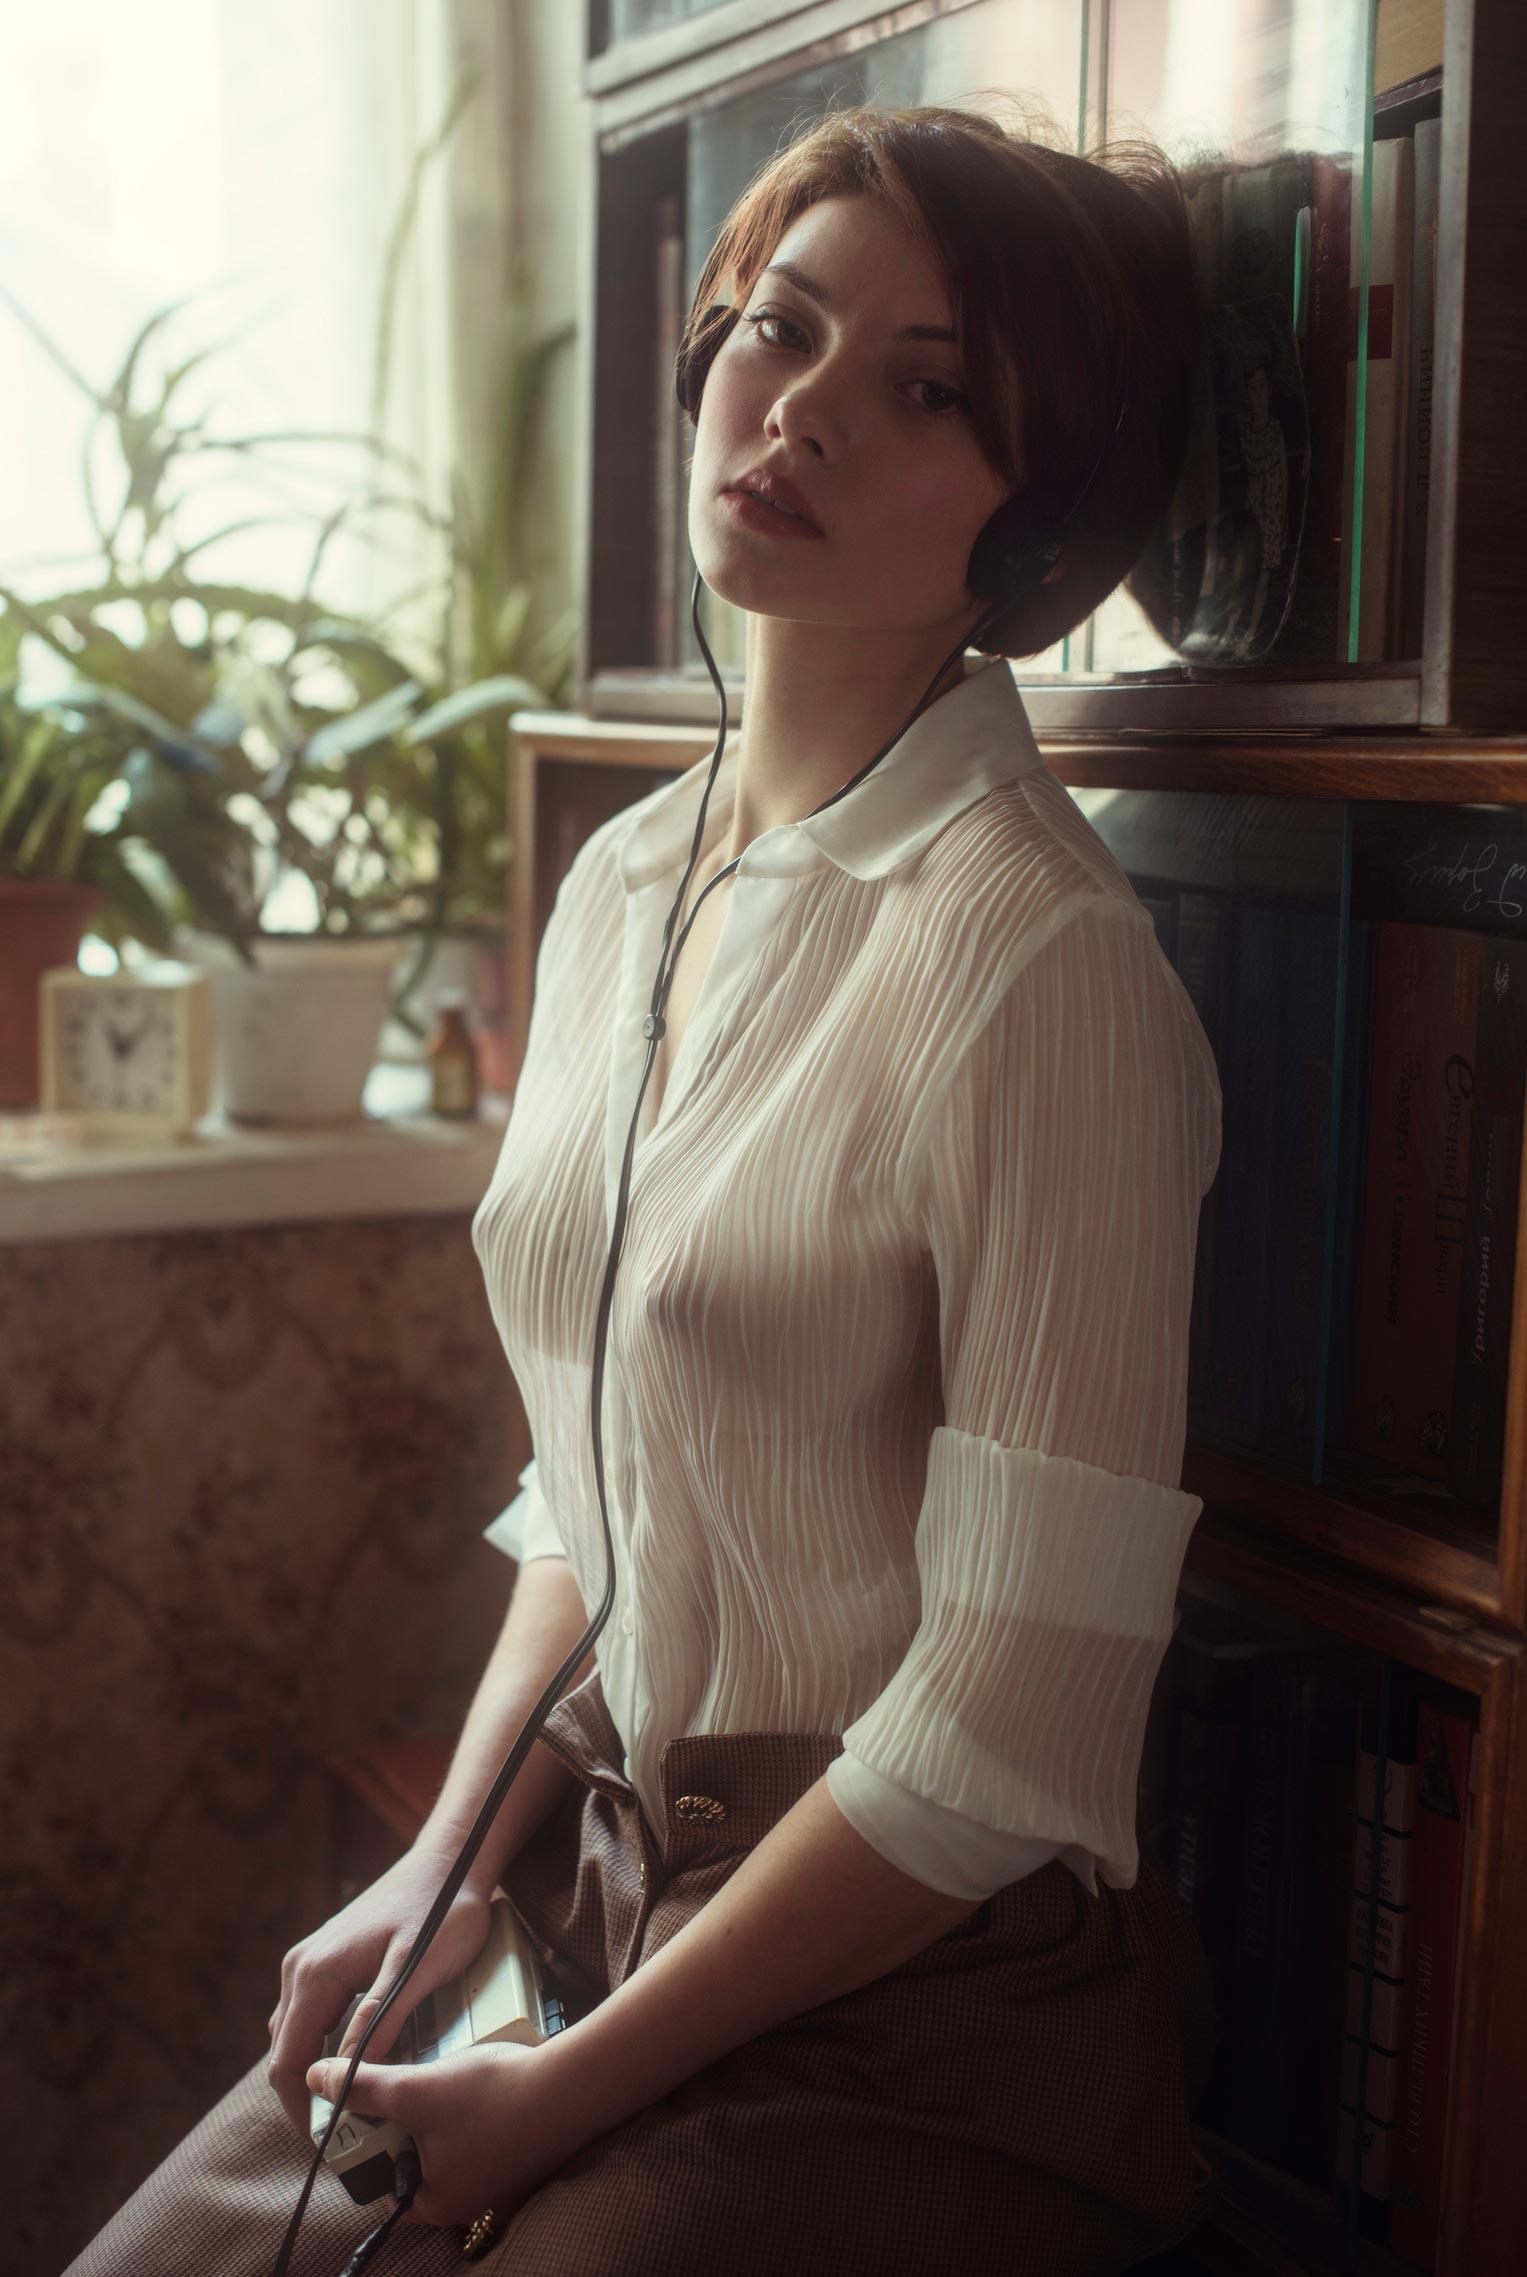 Сексуальная фотомодель Sophie la Sage в интерьерах старой советской квартиры / фото 04